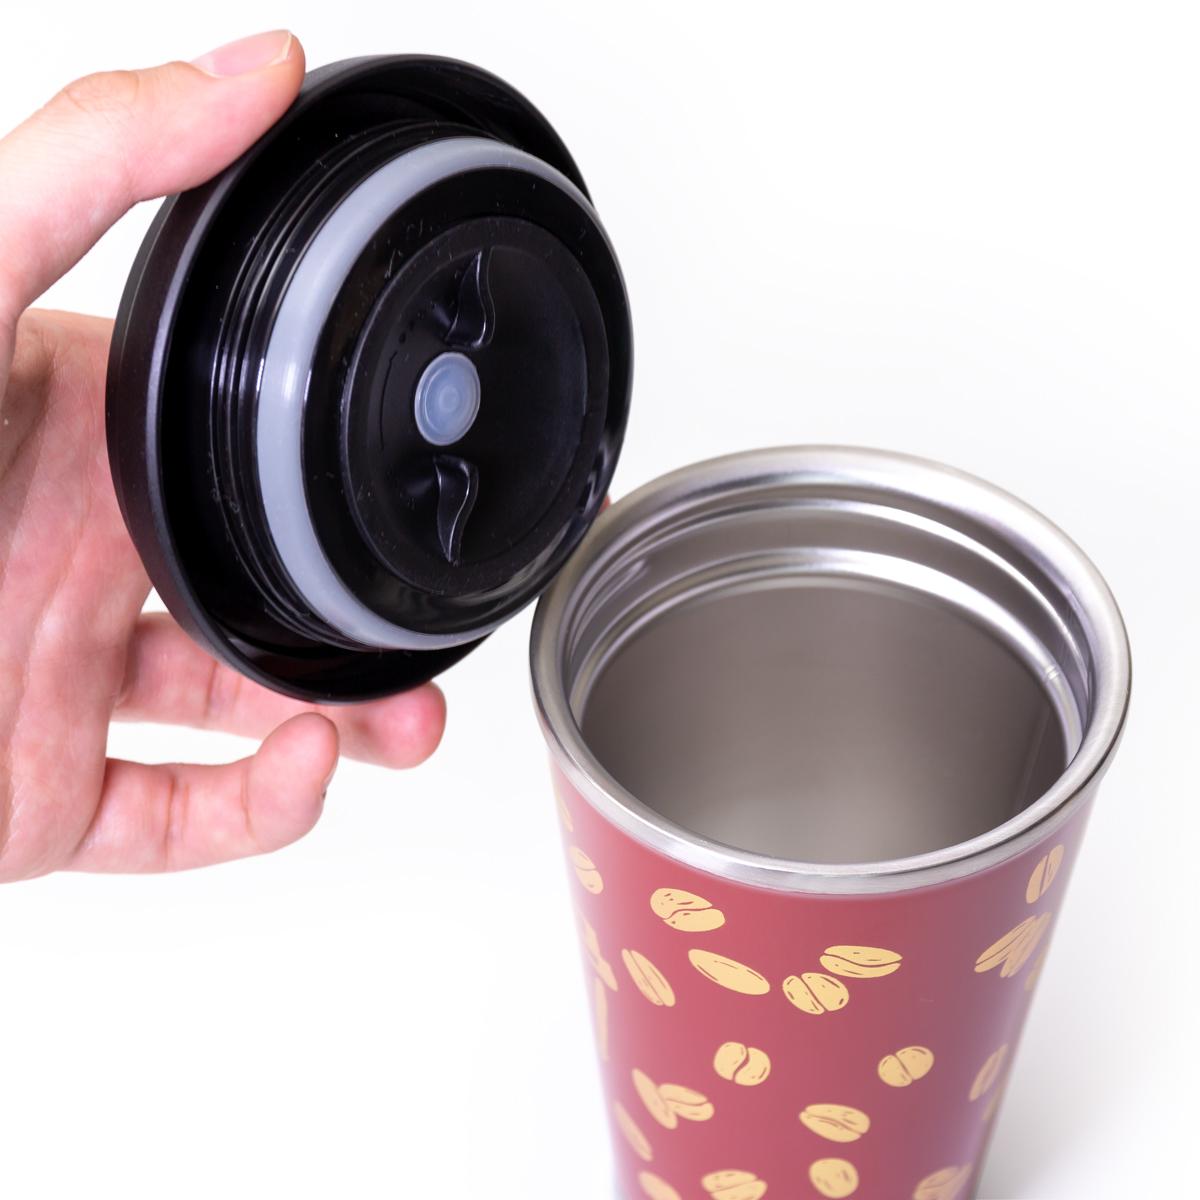 保温・保冷機能をしっかりキープする漆の真空二重構造のステンレスボトル(タンブラー)